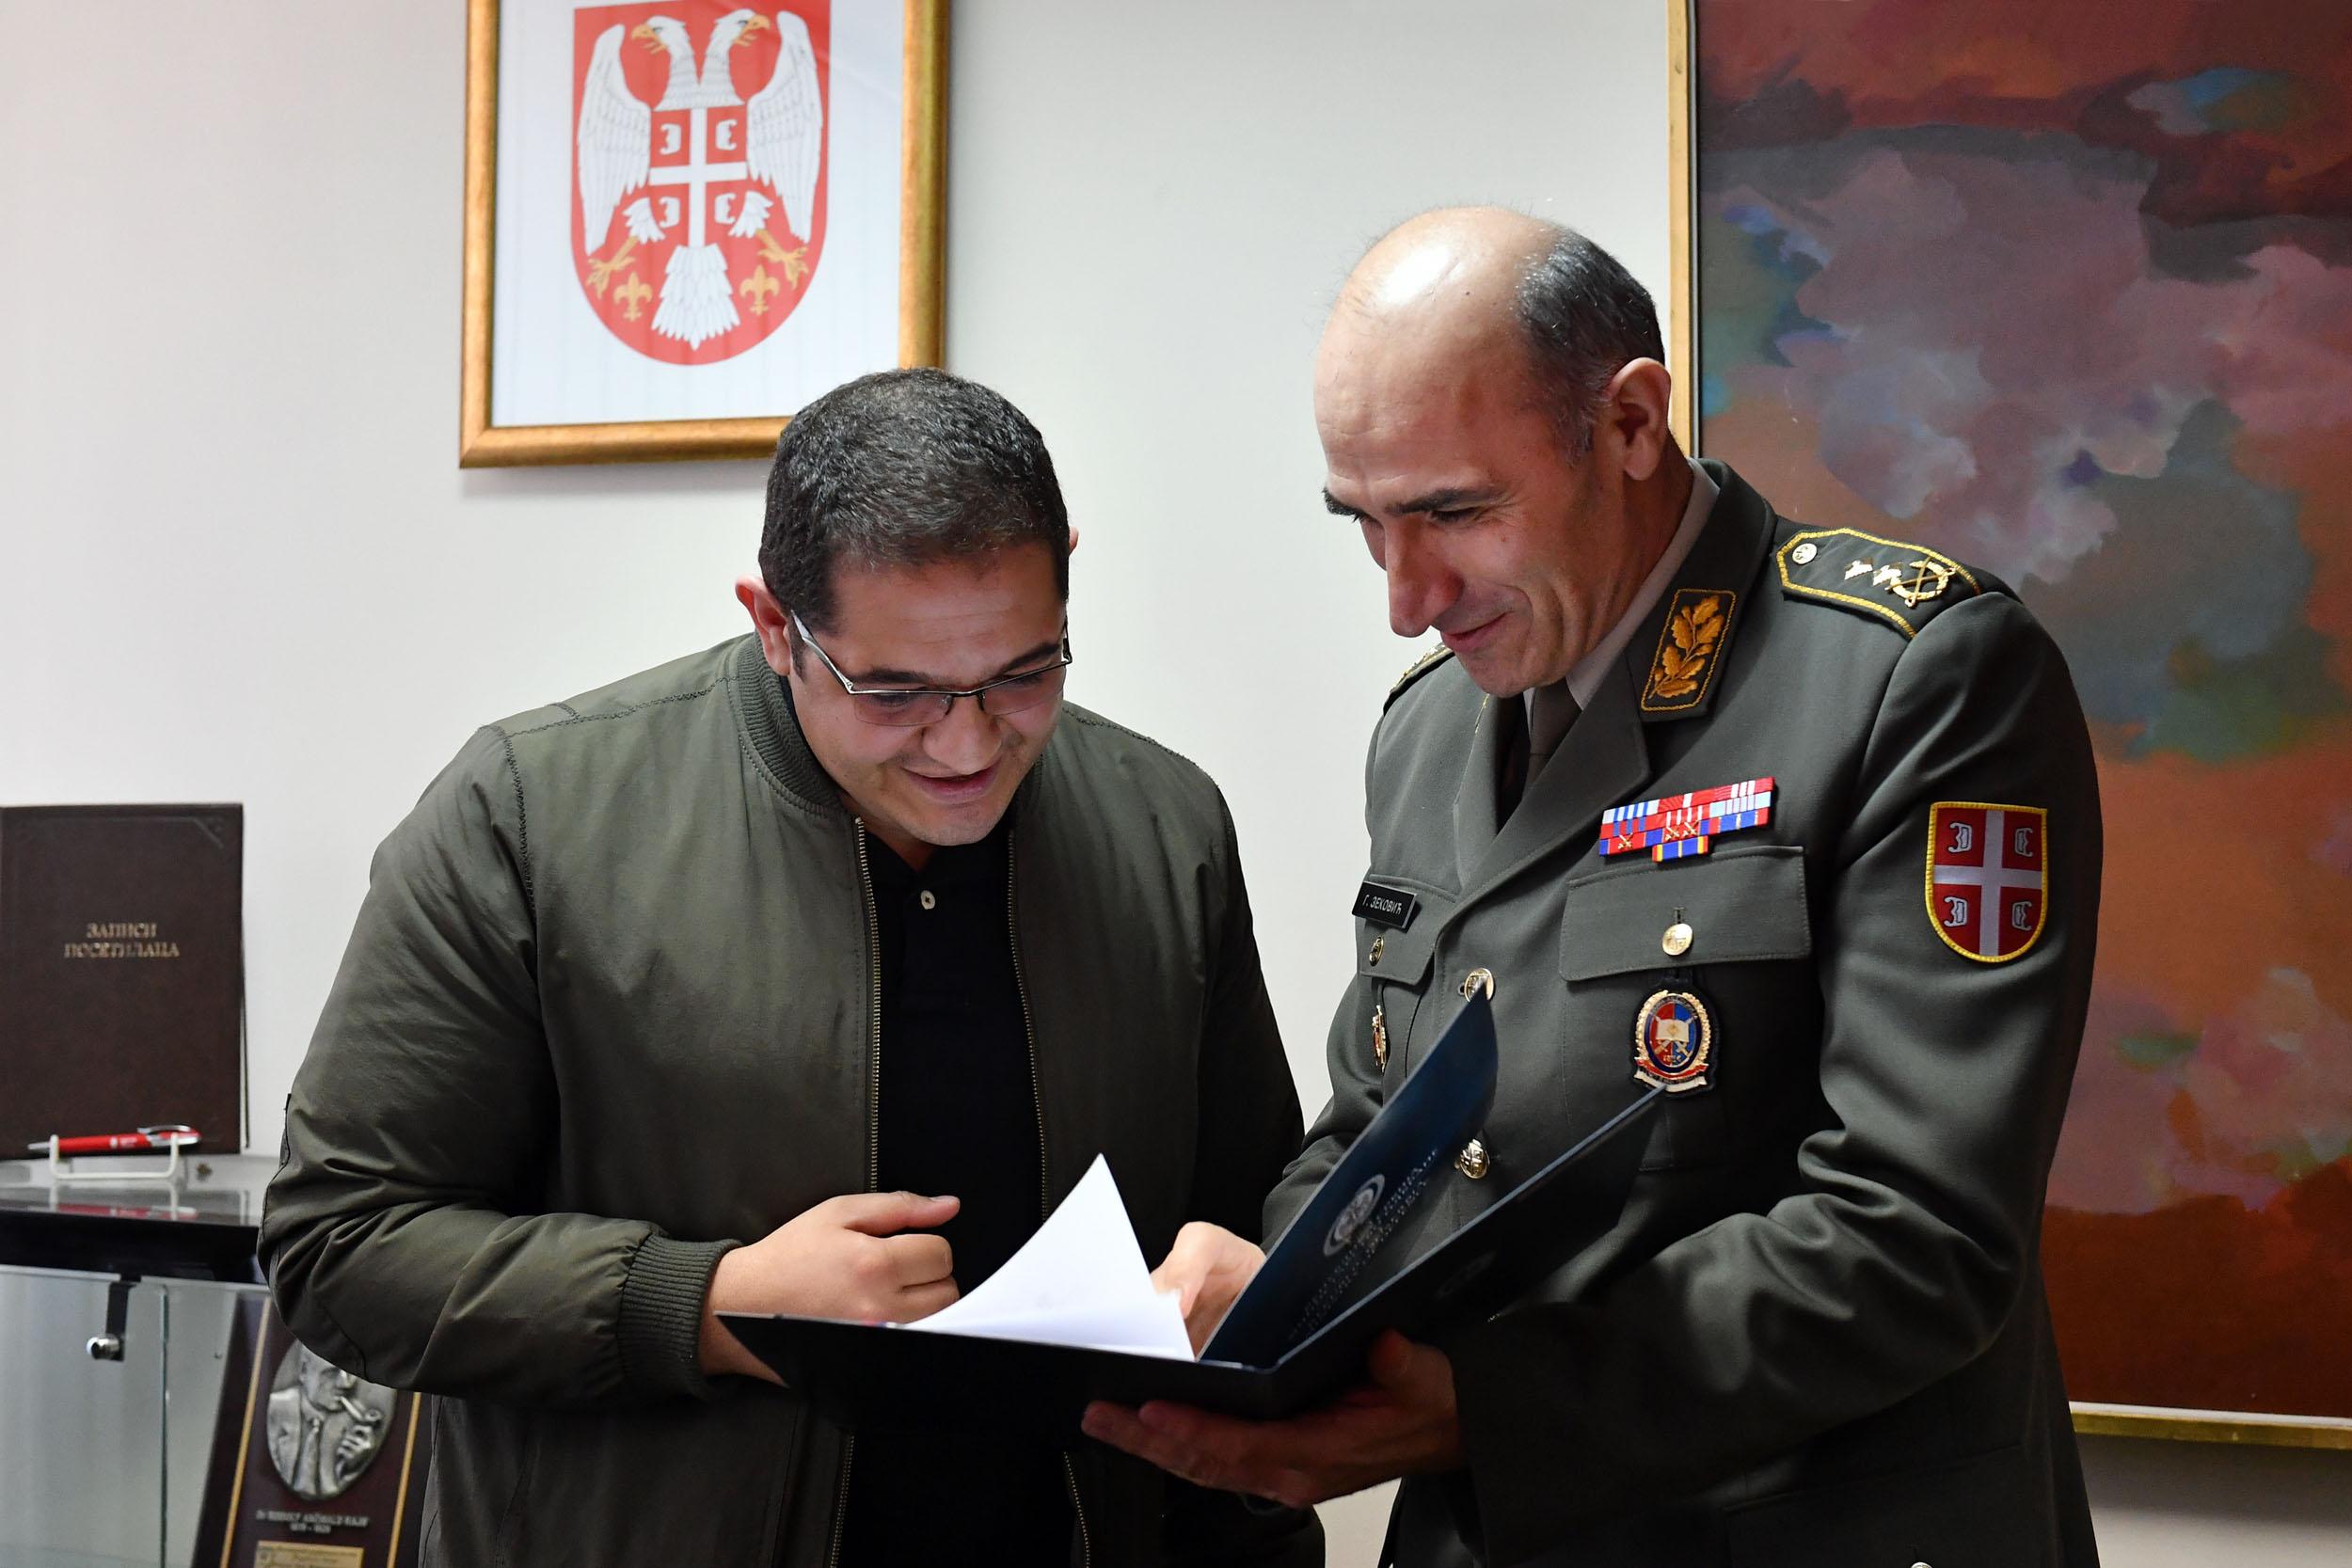 الجزائر : صلاحيات نائب وزير الدفاع الوطني - صفحة 14 Ban_9456_1490965293